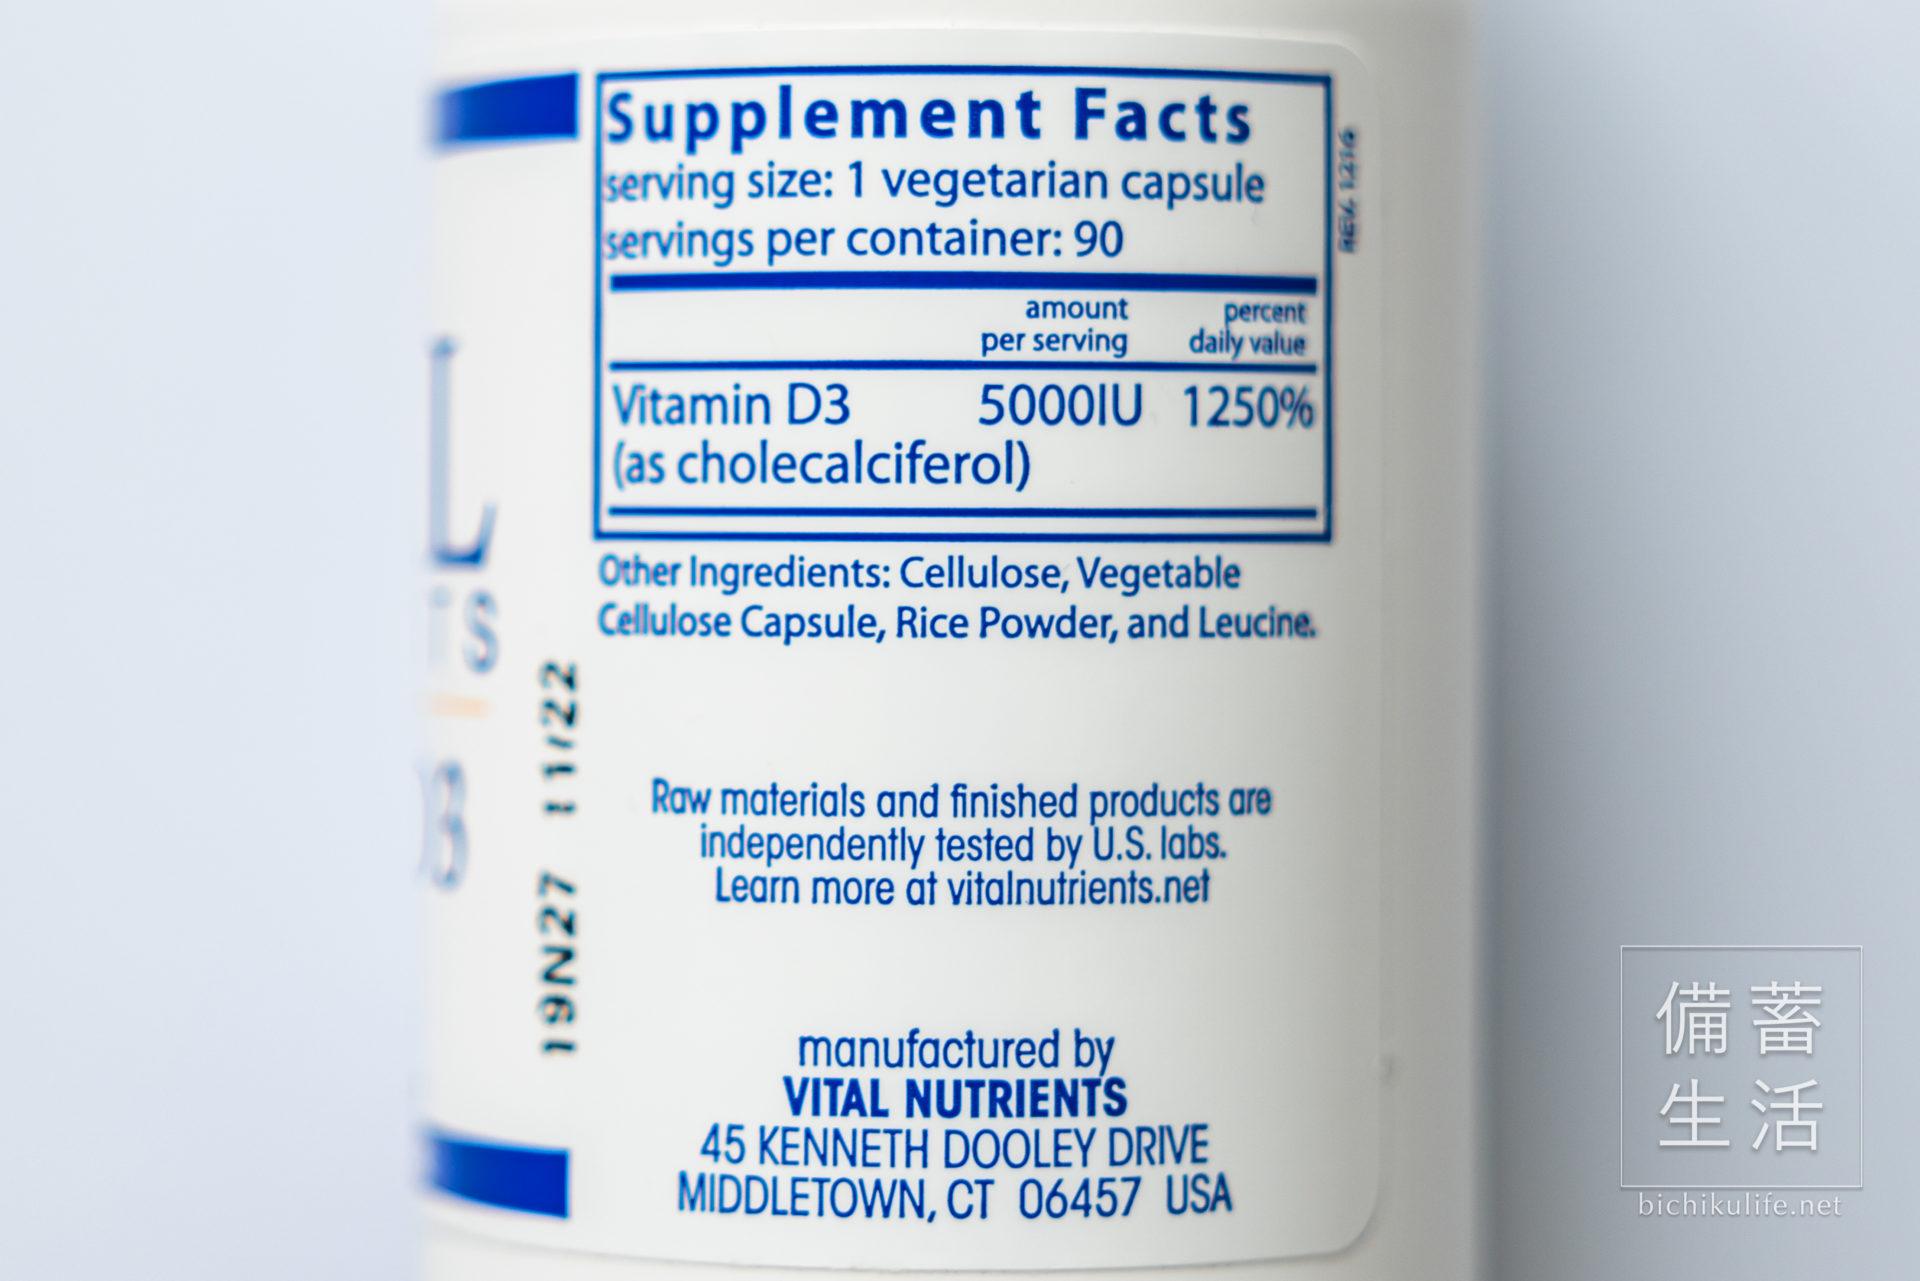 ヴァイタル ニュートリエンツ ビタミンD3 Vital Nutrients Vitamin D3の栄養成分表示